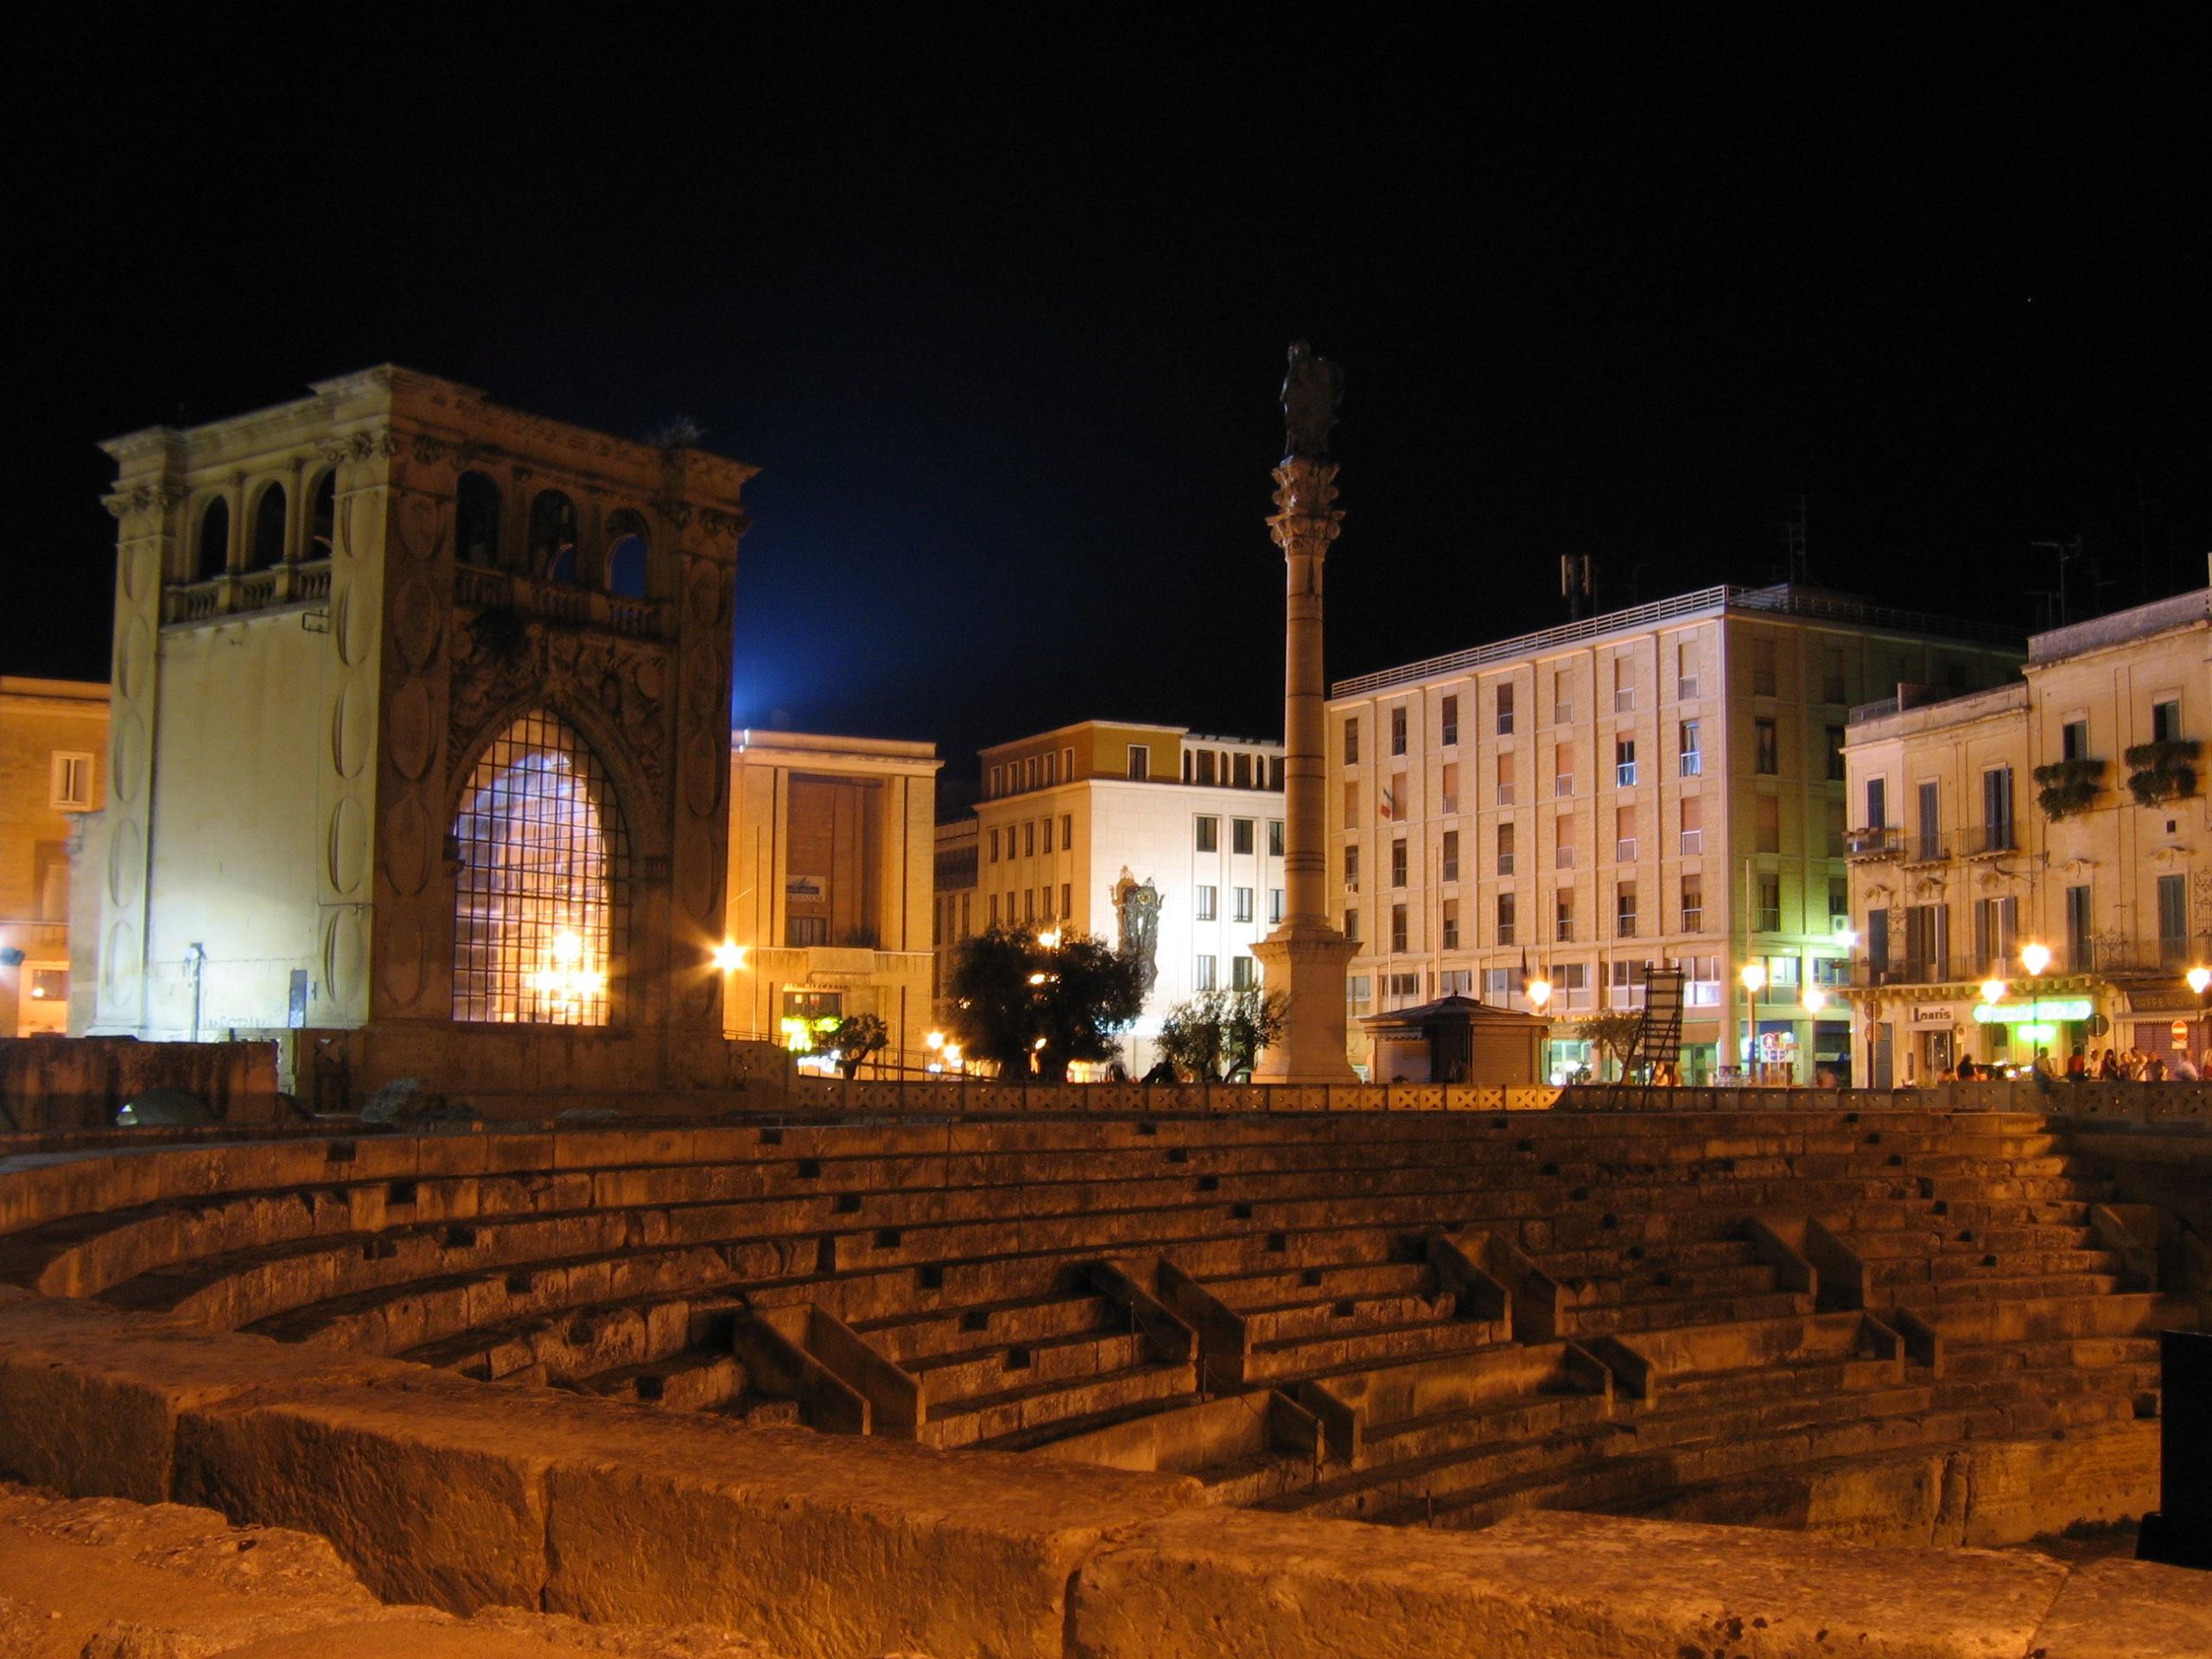 Una passeggiata nel Barocco di Lecce